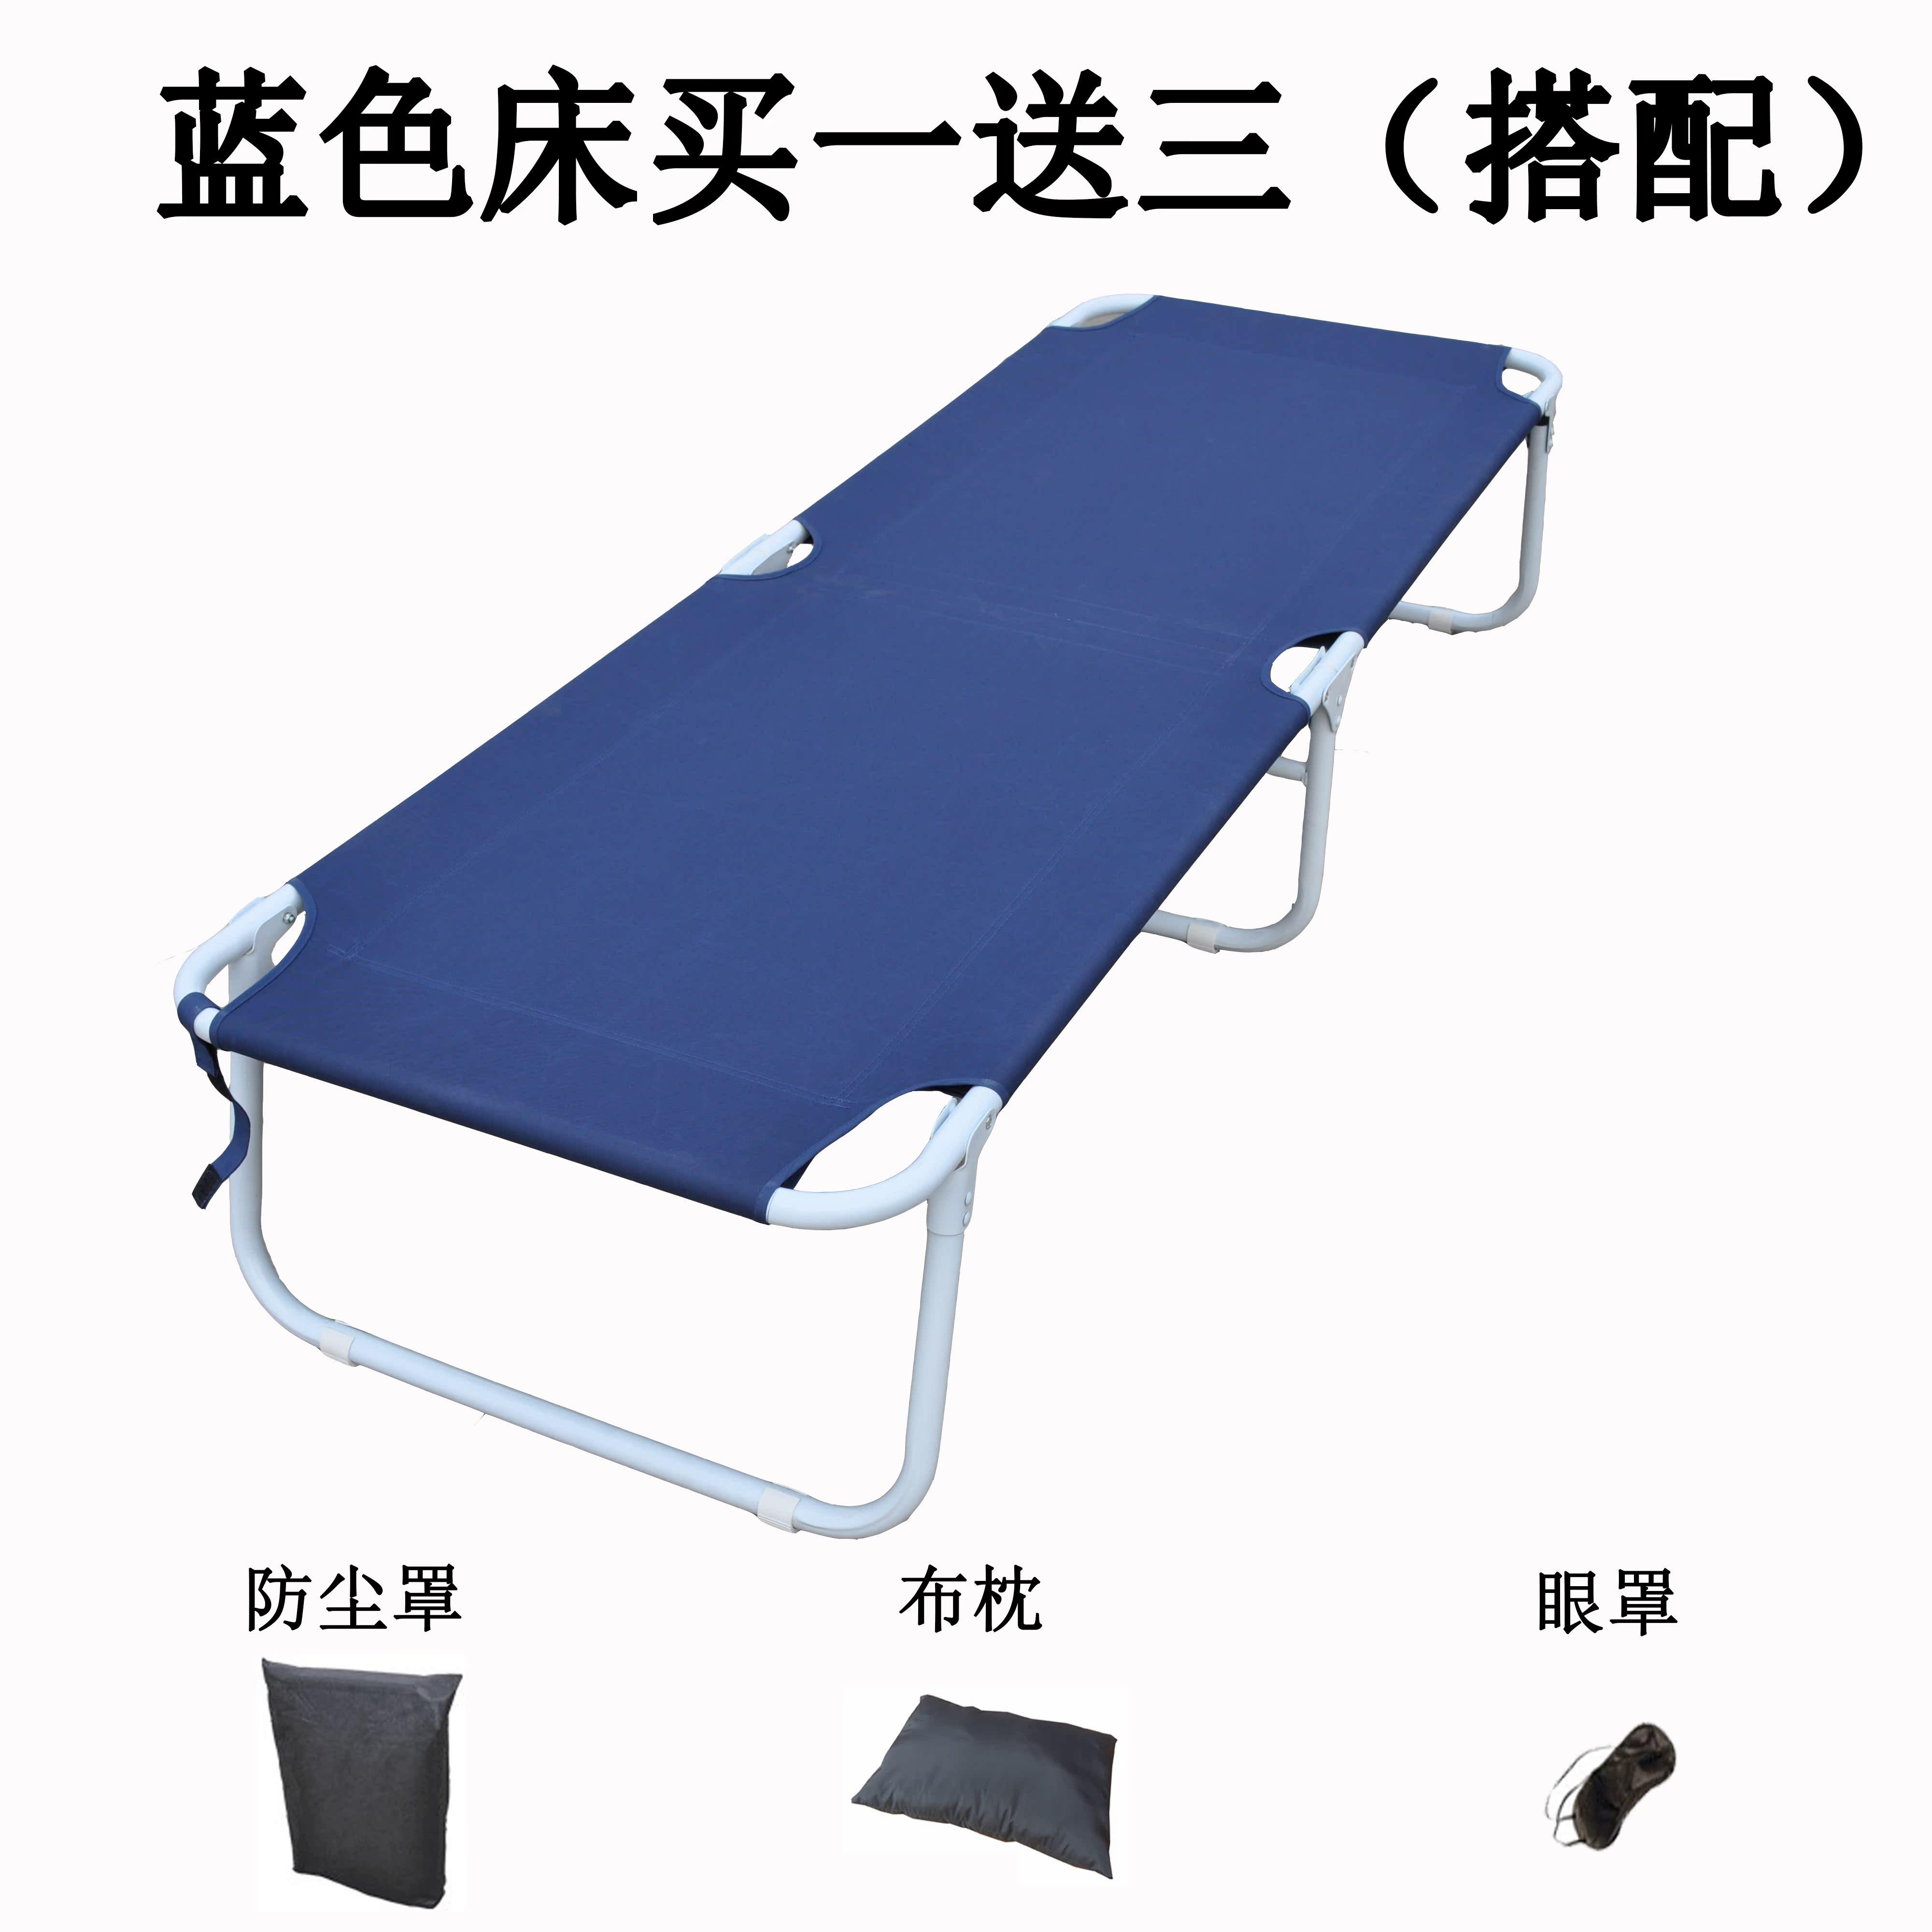 簡易オフィス折りたたみベッド午ビーチベッドベッドで寝る補強行軍ベッドひとつお買い上げで3 /折りたたみベッドシーツ人